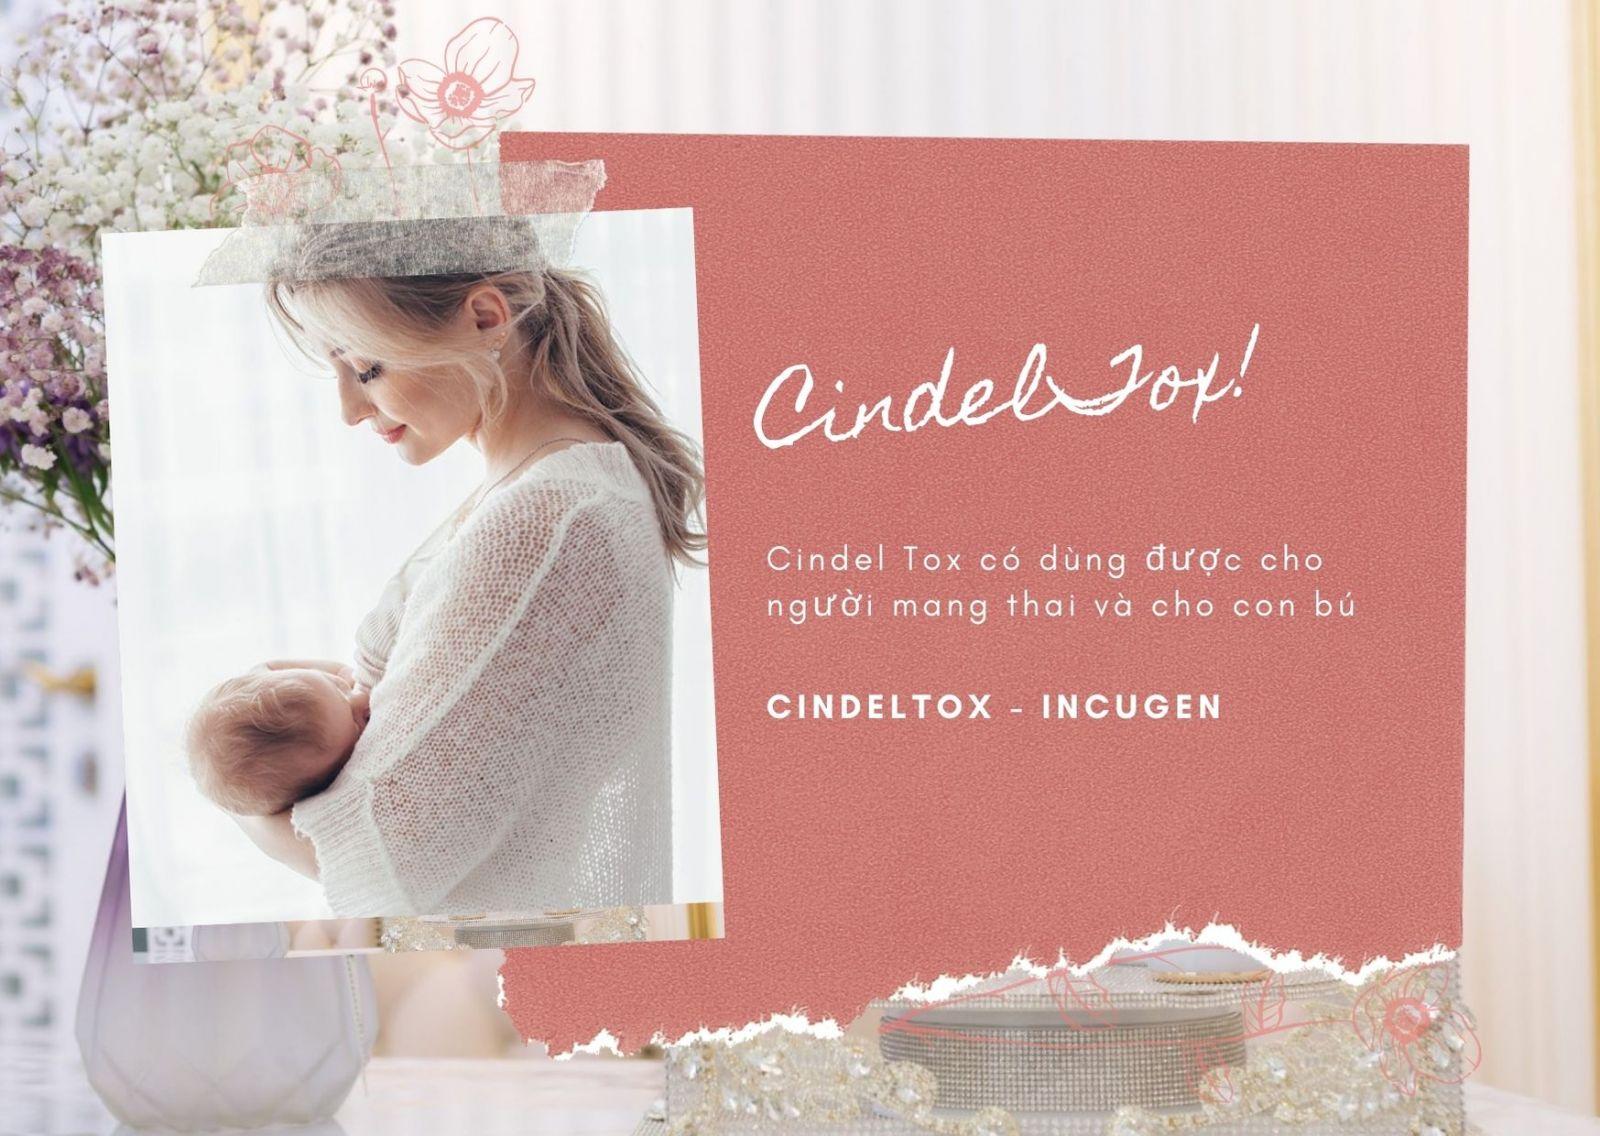 Mẹ bỉm sữa có dùng Cindel Tox khi cho con bú được không, có an toàn không?